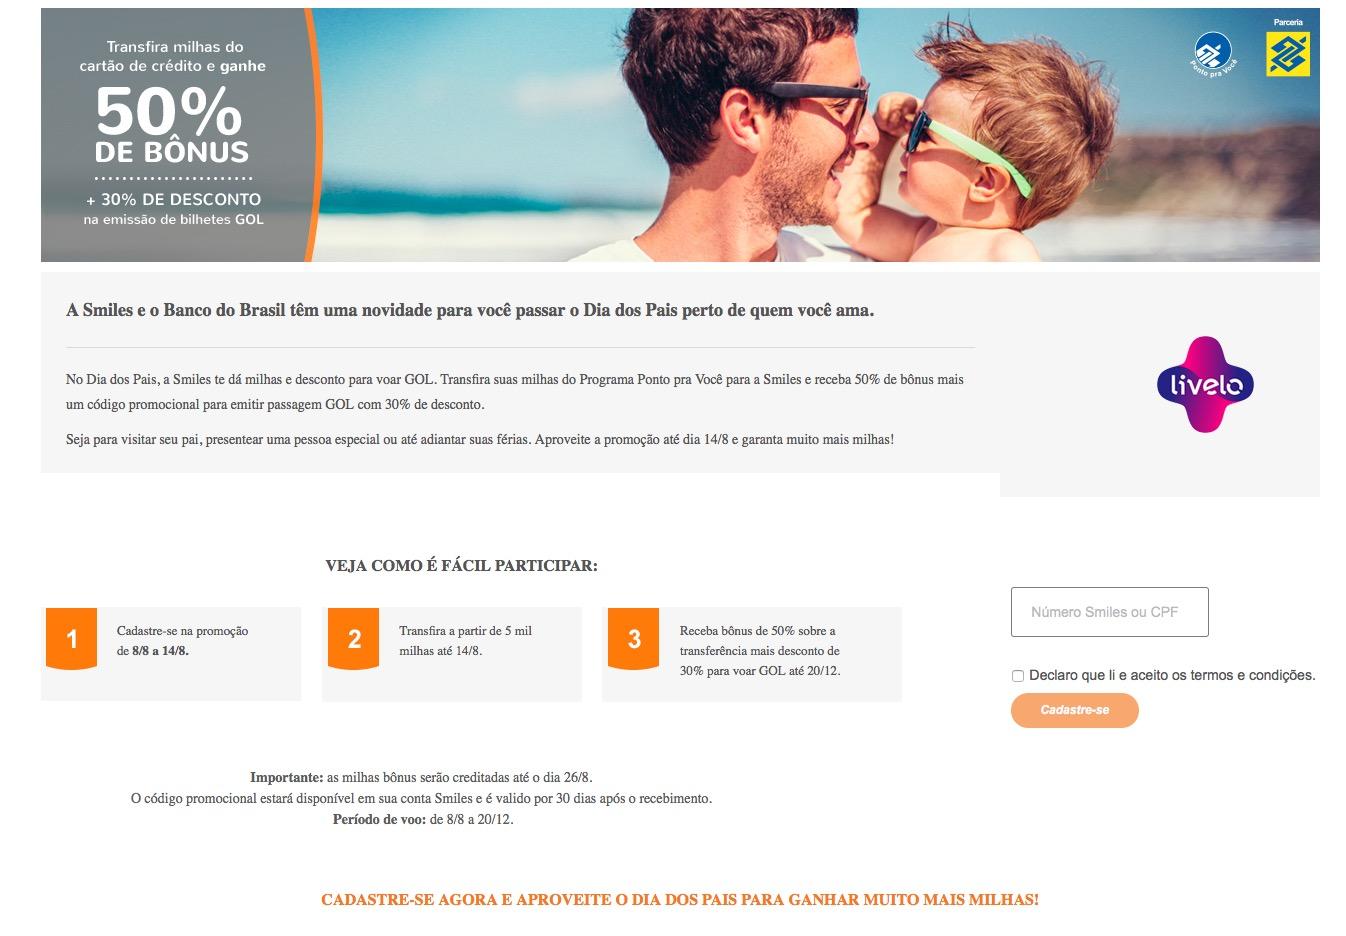 Smiles oferece bônus de 50% nas transferências do BB, e [novidade] um código promocional para a compra de passagens aéreas com dinheiro